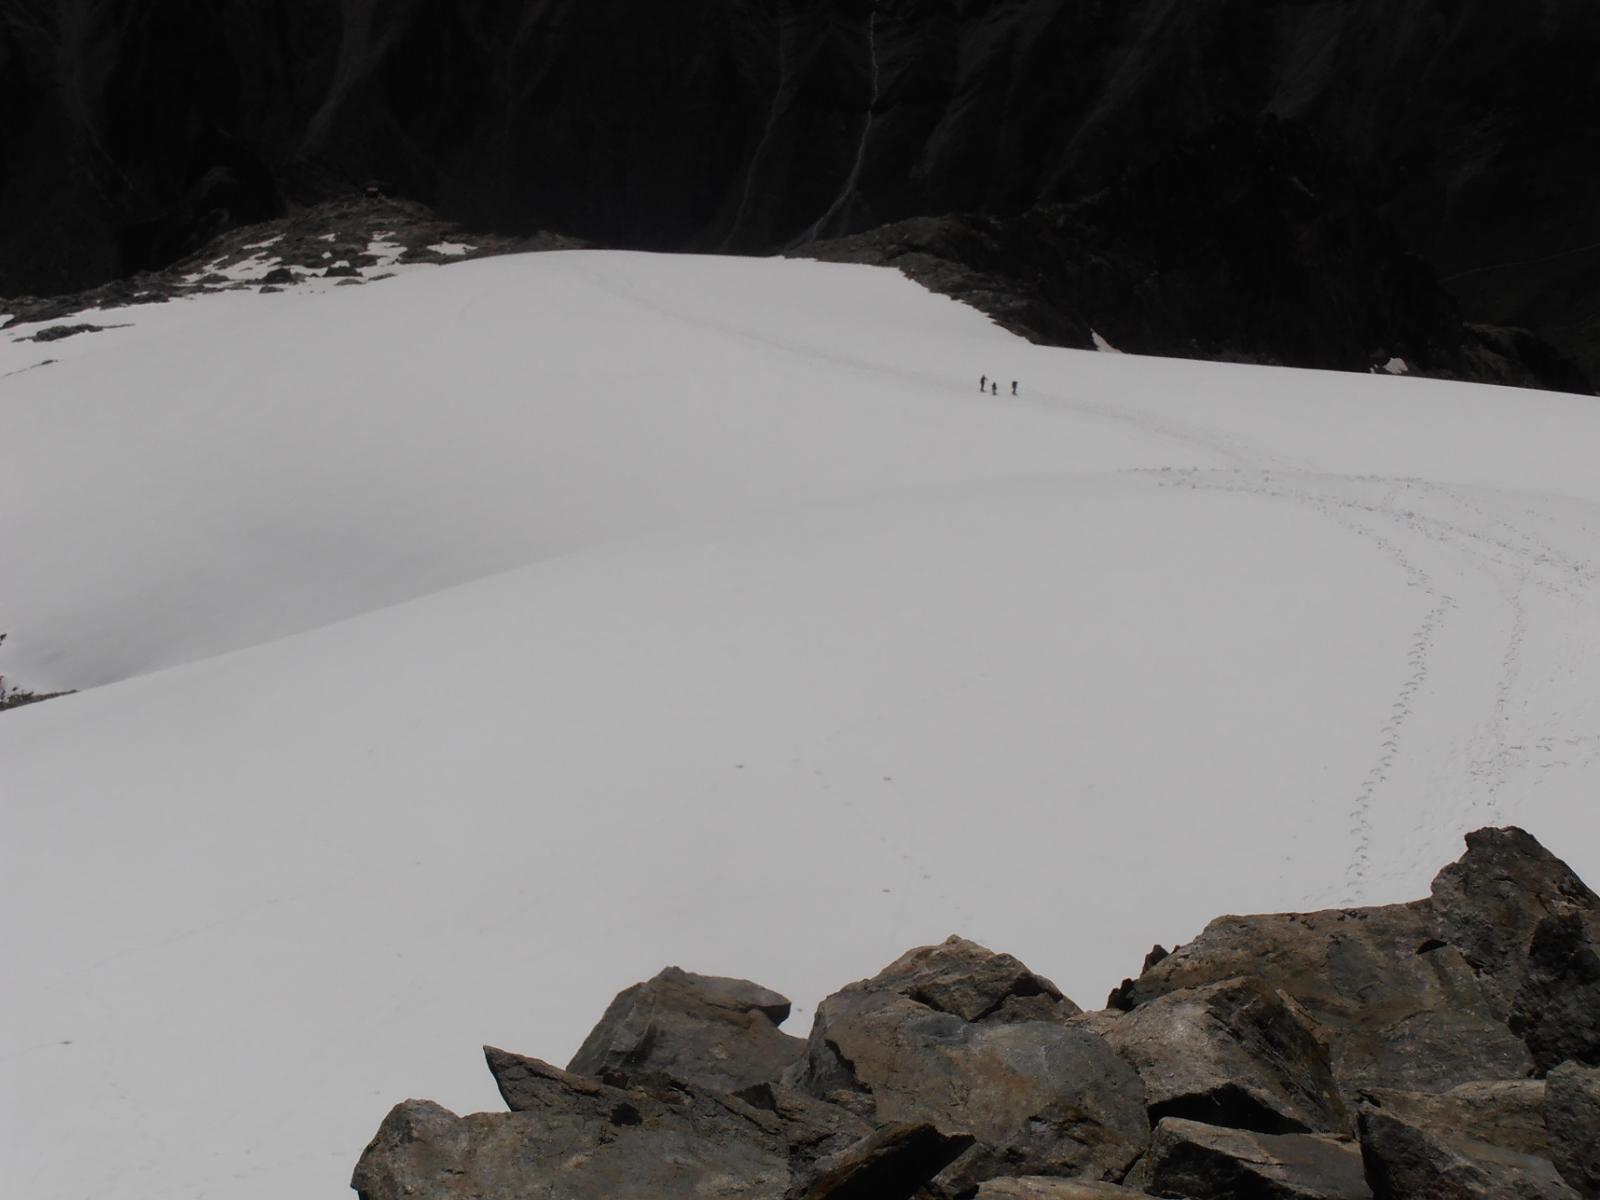 02 - dalla cima il ghiacciaio fino al bivacco